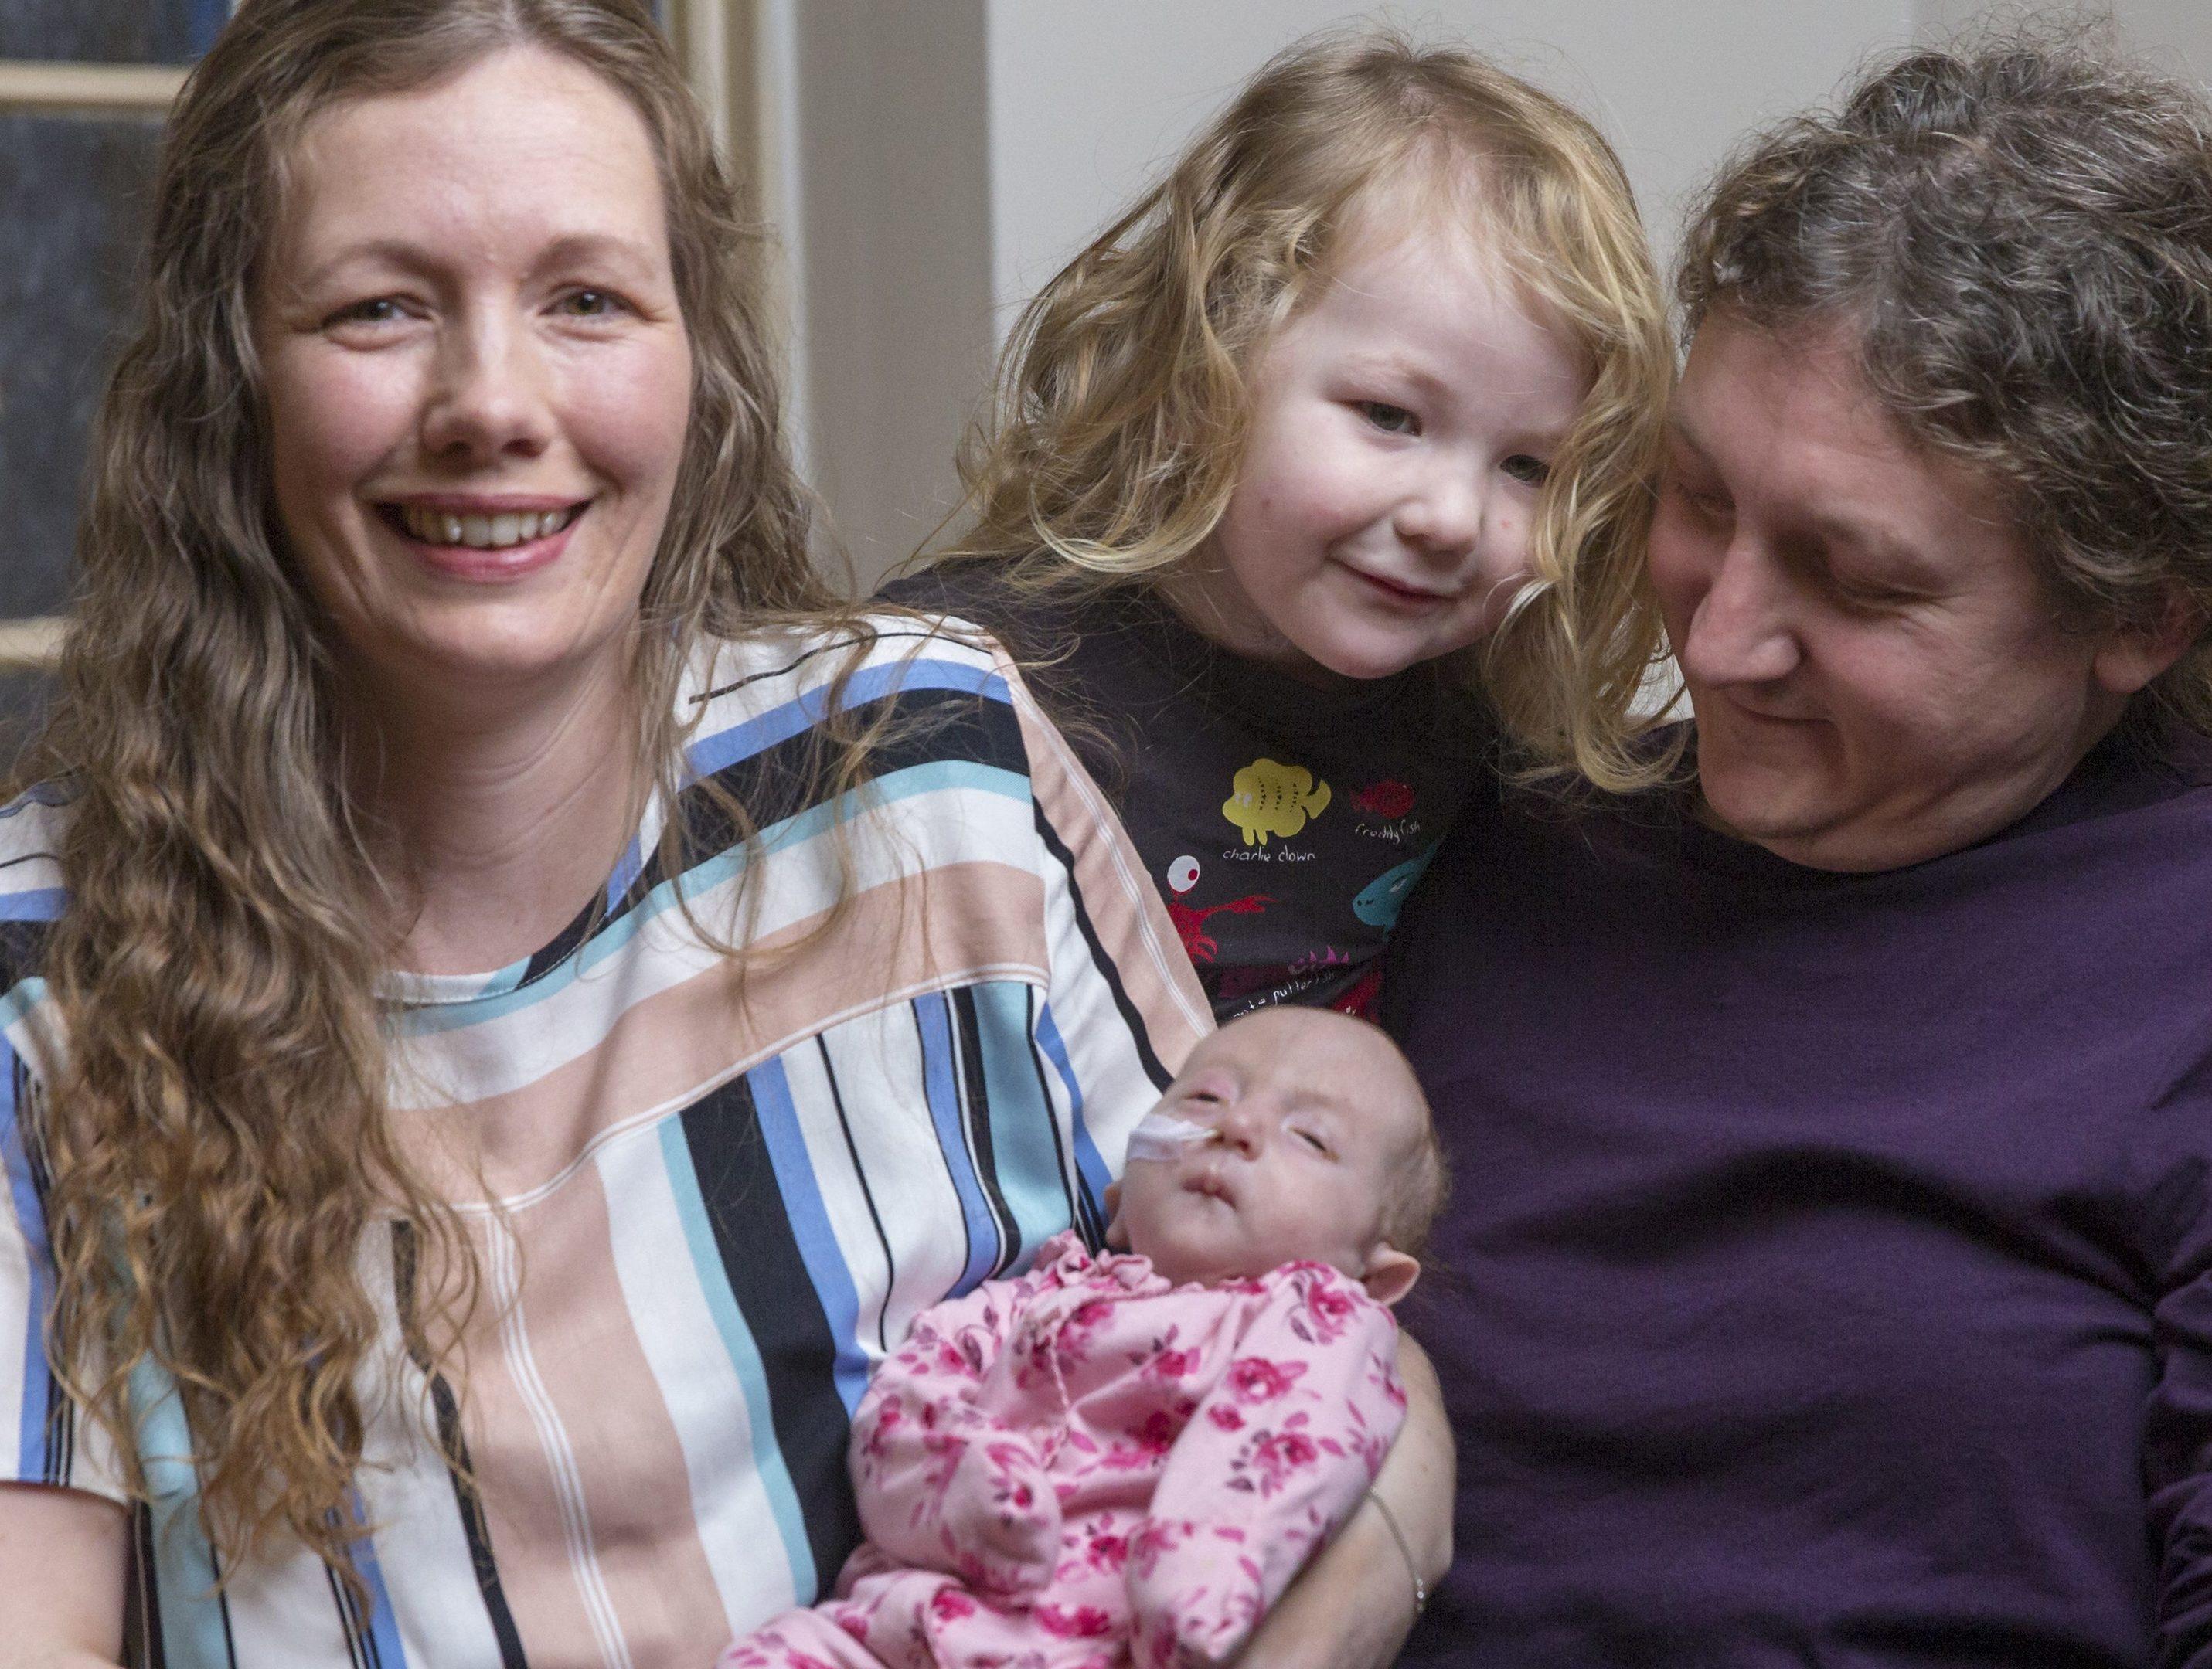 David and Gina Scanlan, Jude Scanlan, 3, and Willow Scanlan pictured at 9 weeks old